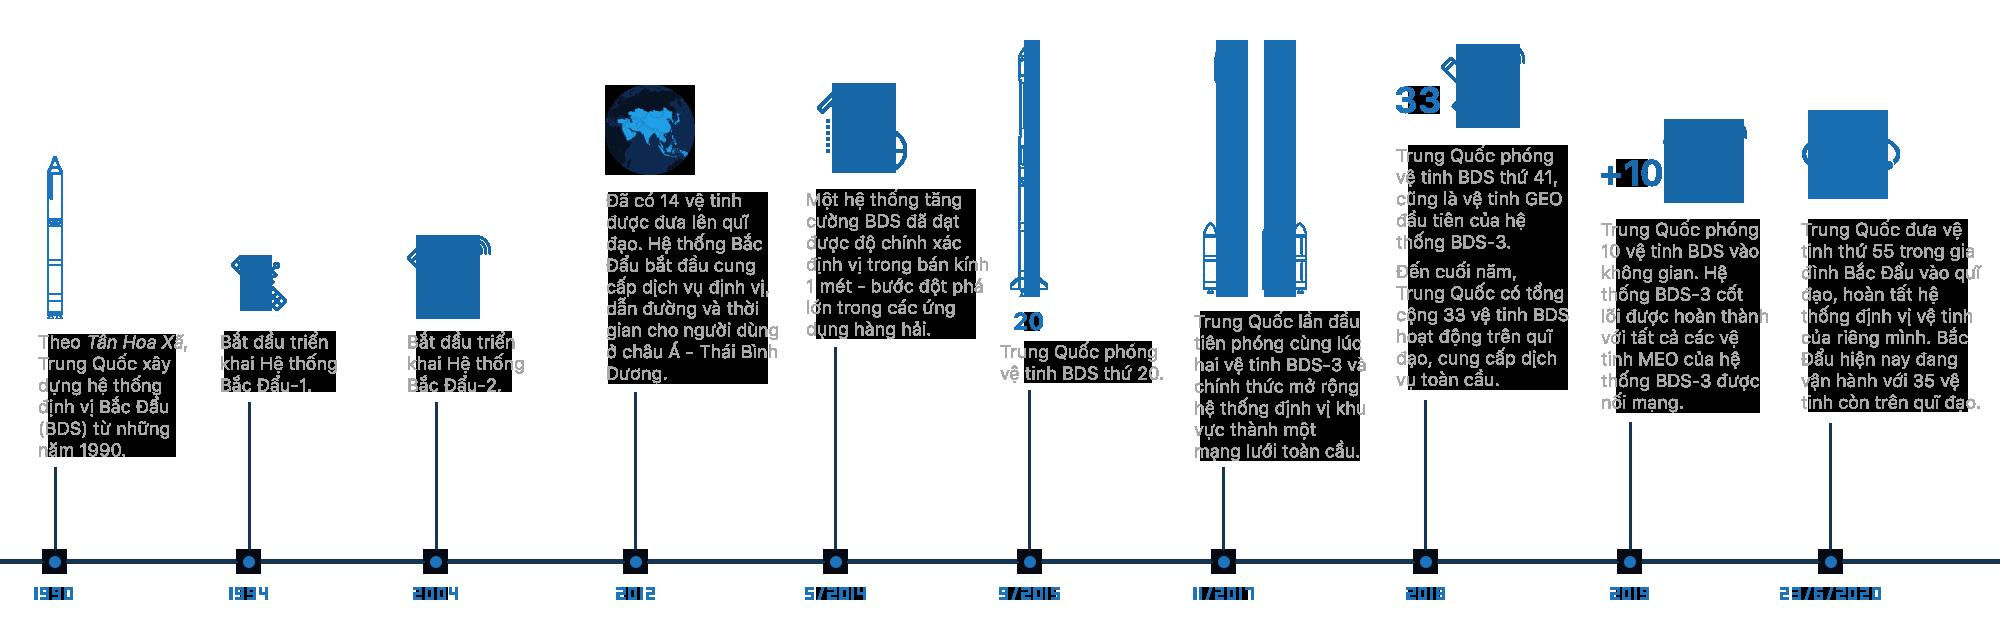 Cuộc Vạn lí trường chinh ra ngoài không gian - Ảnh 7.